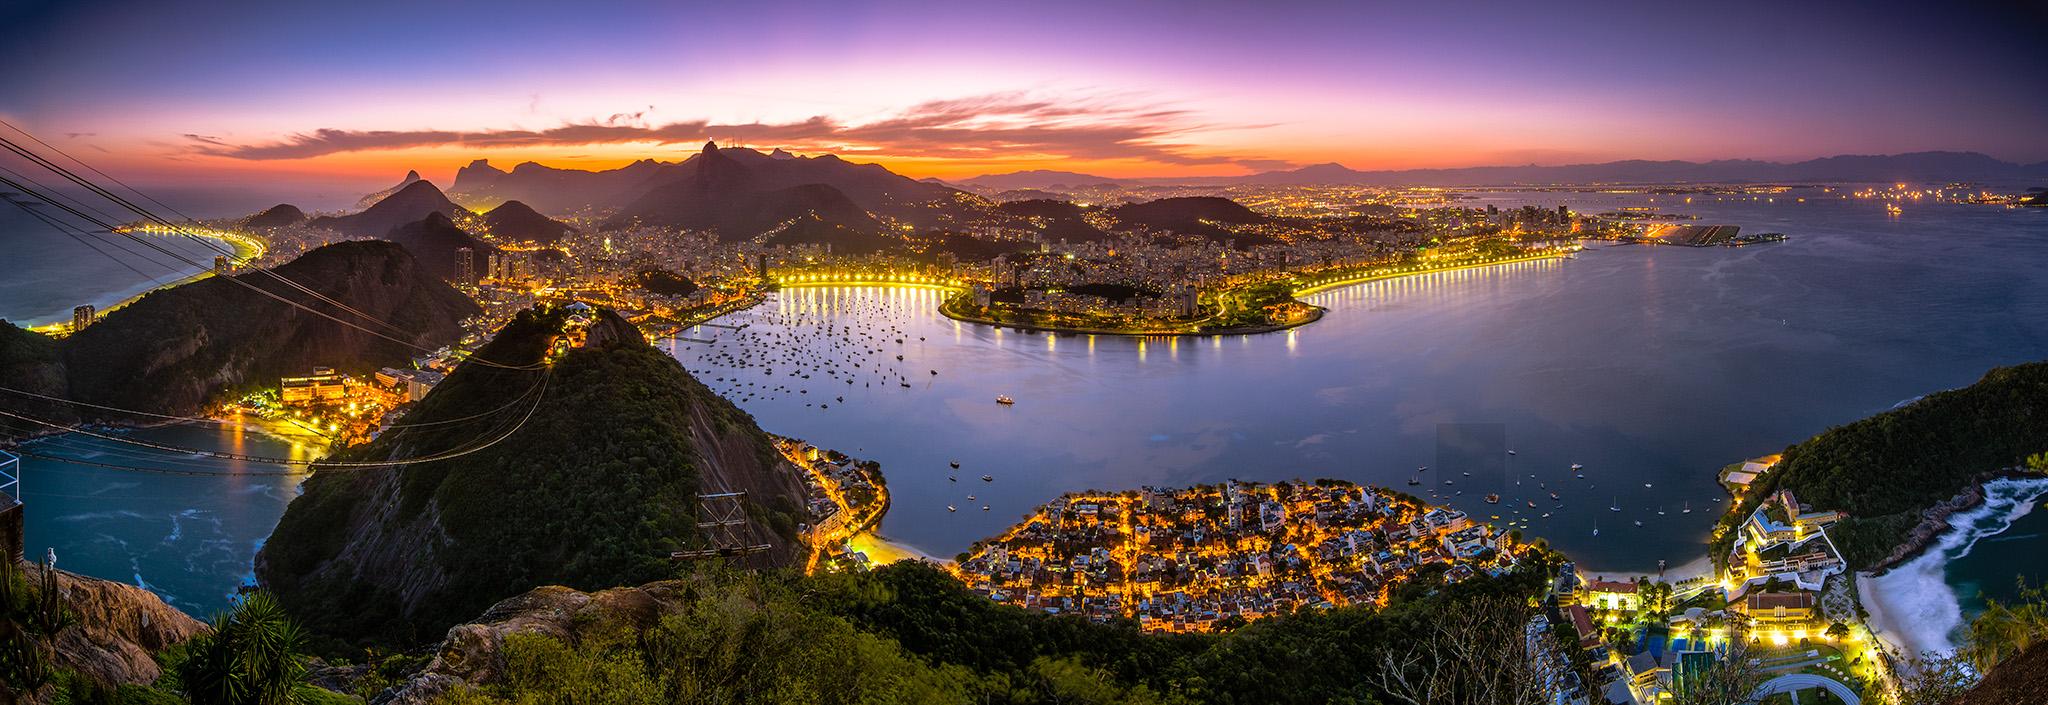 3- Guanabara Bay (Brazil)